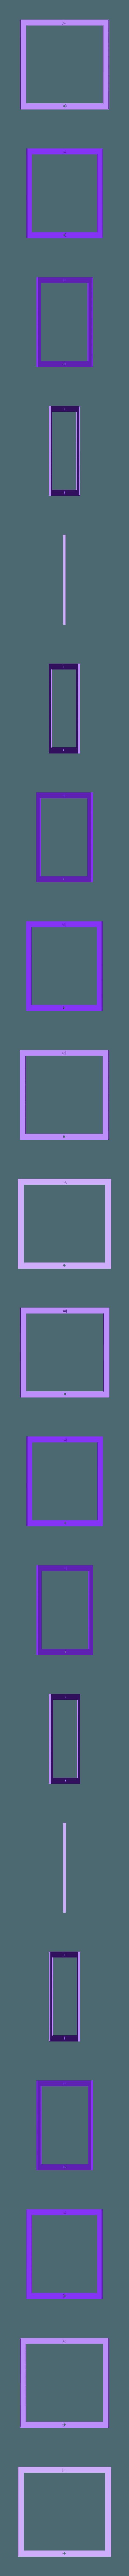 Apophis_frame.stl Télécharger fichier STL gratuit Apophis, In-Sync Exotics • Modèle pour impression 3D, JayOmega